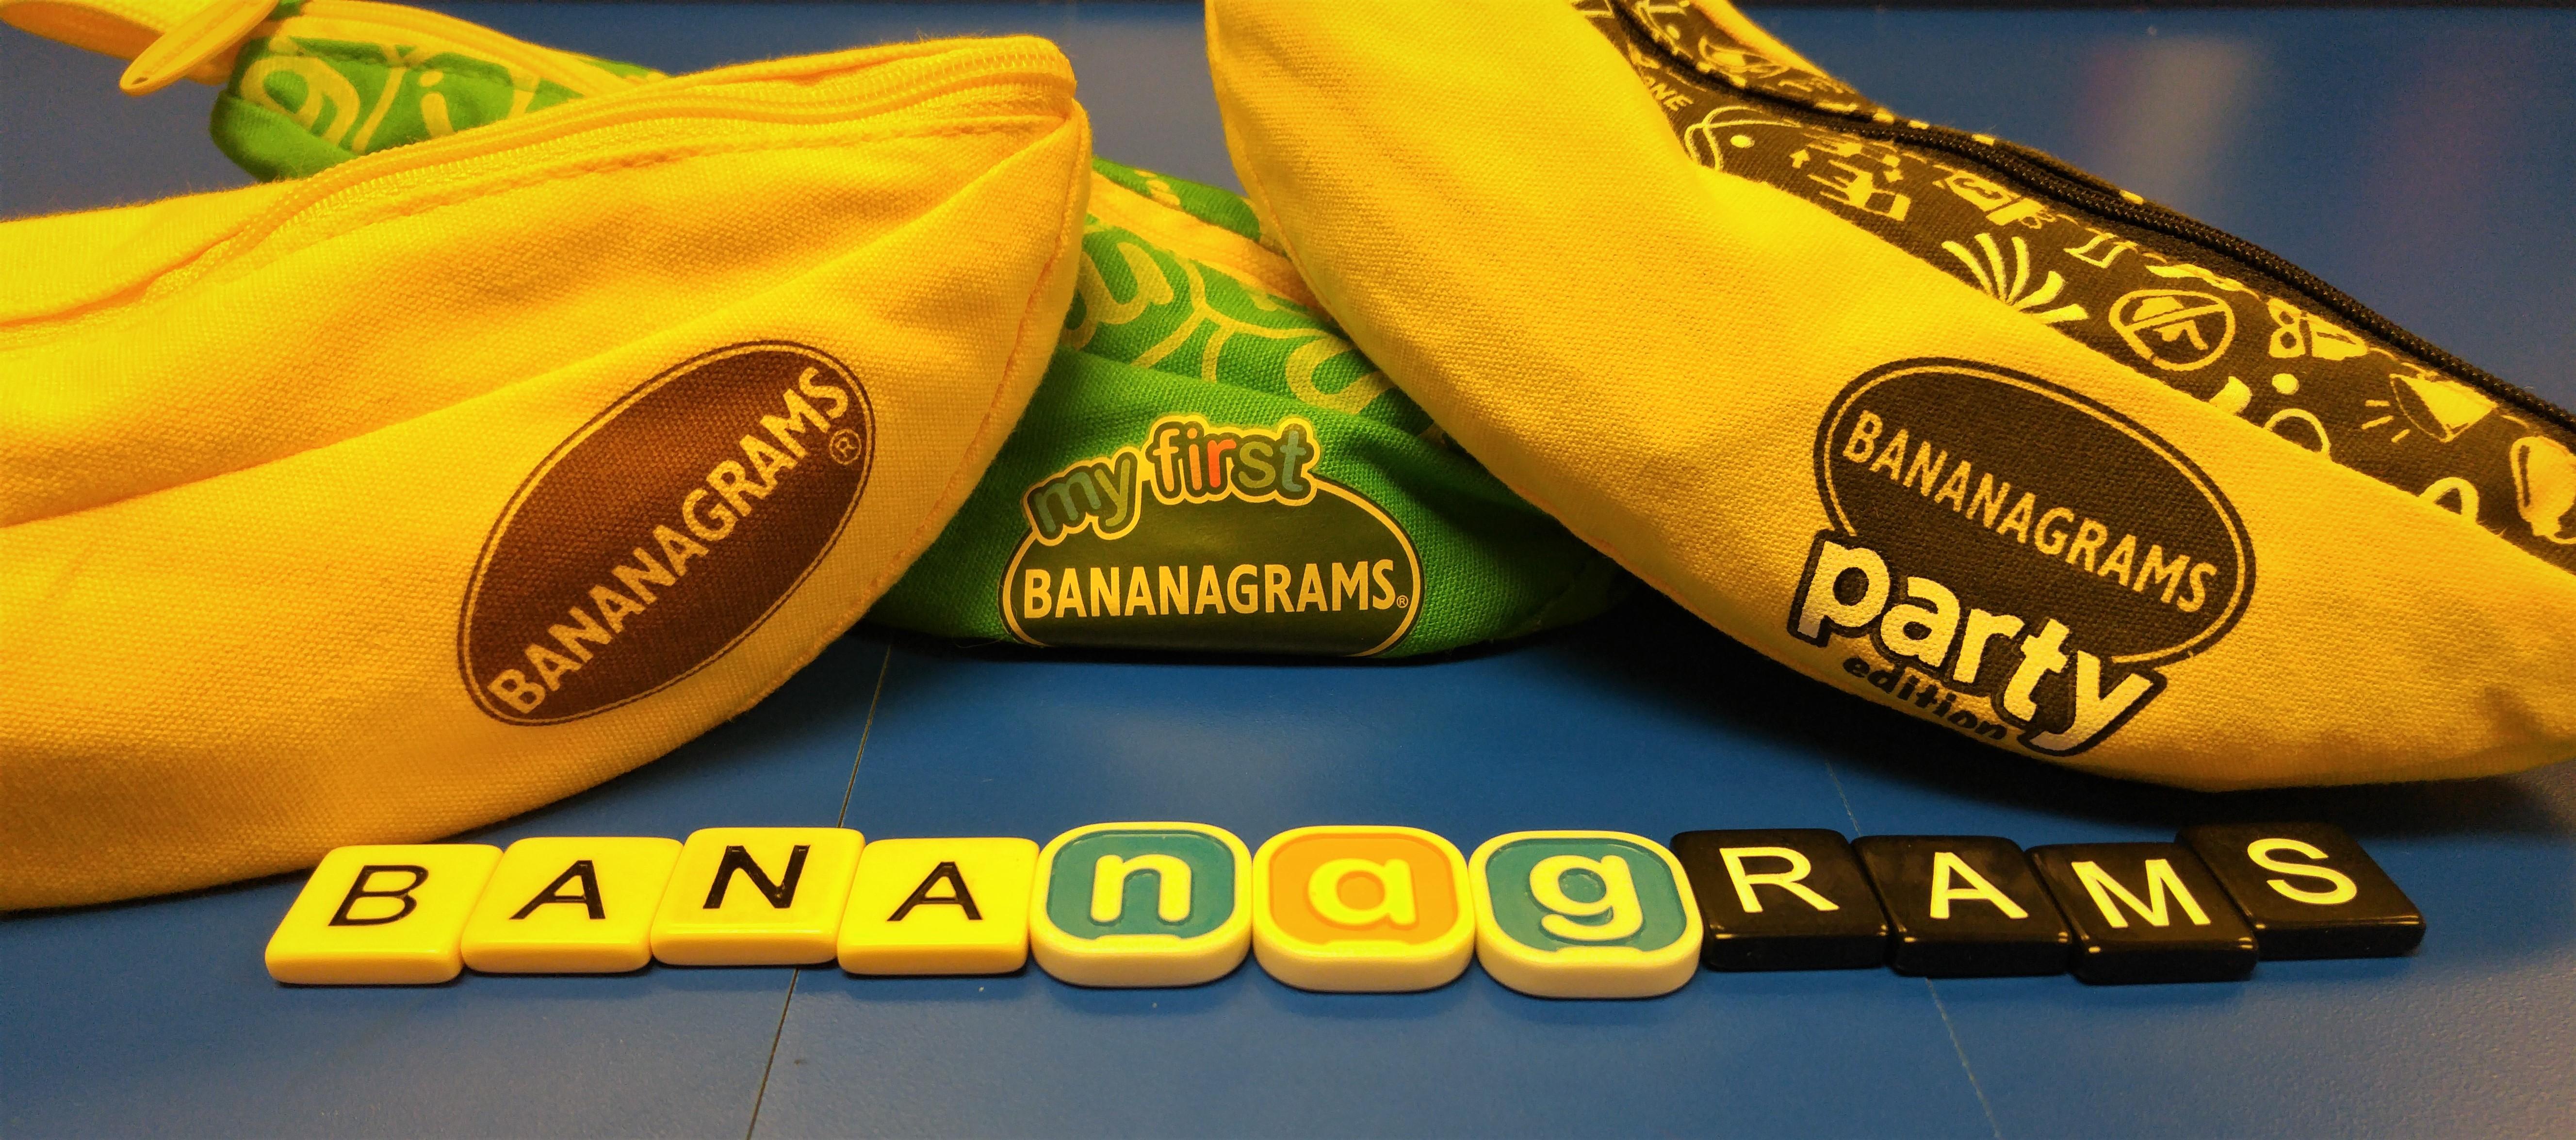 Bananagrams Hero